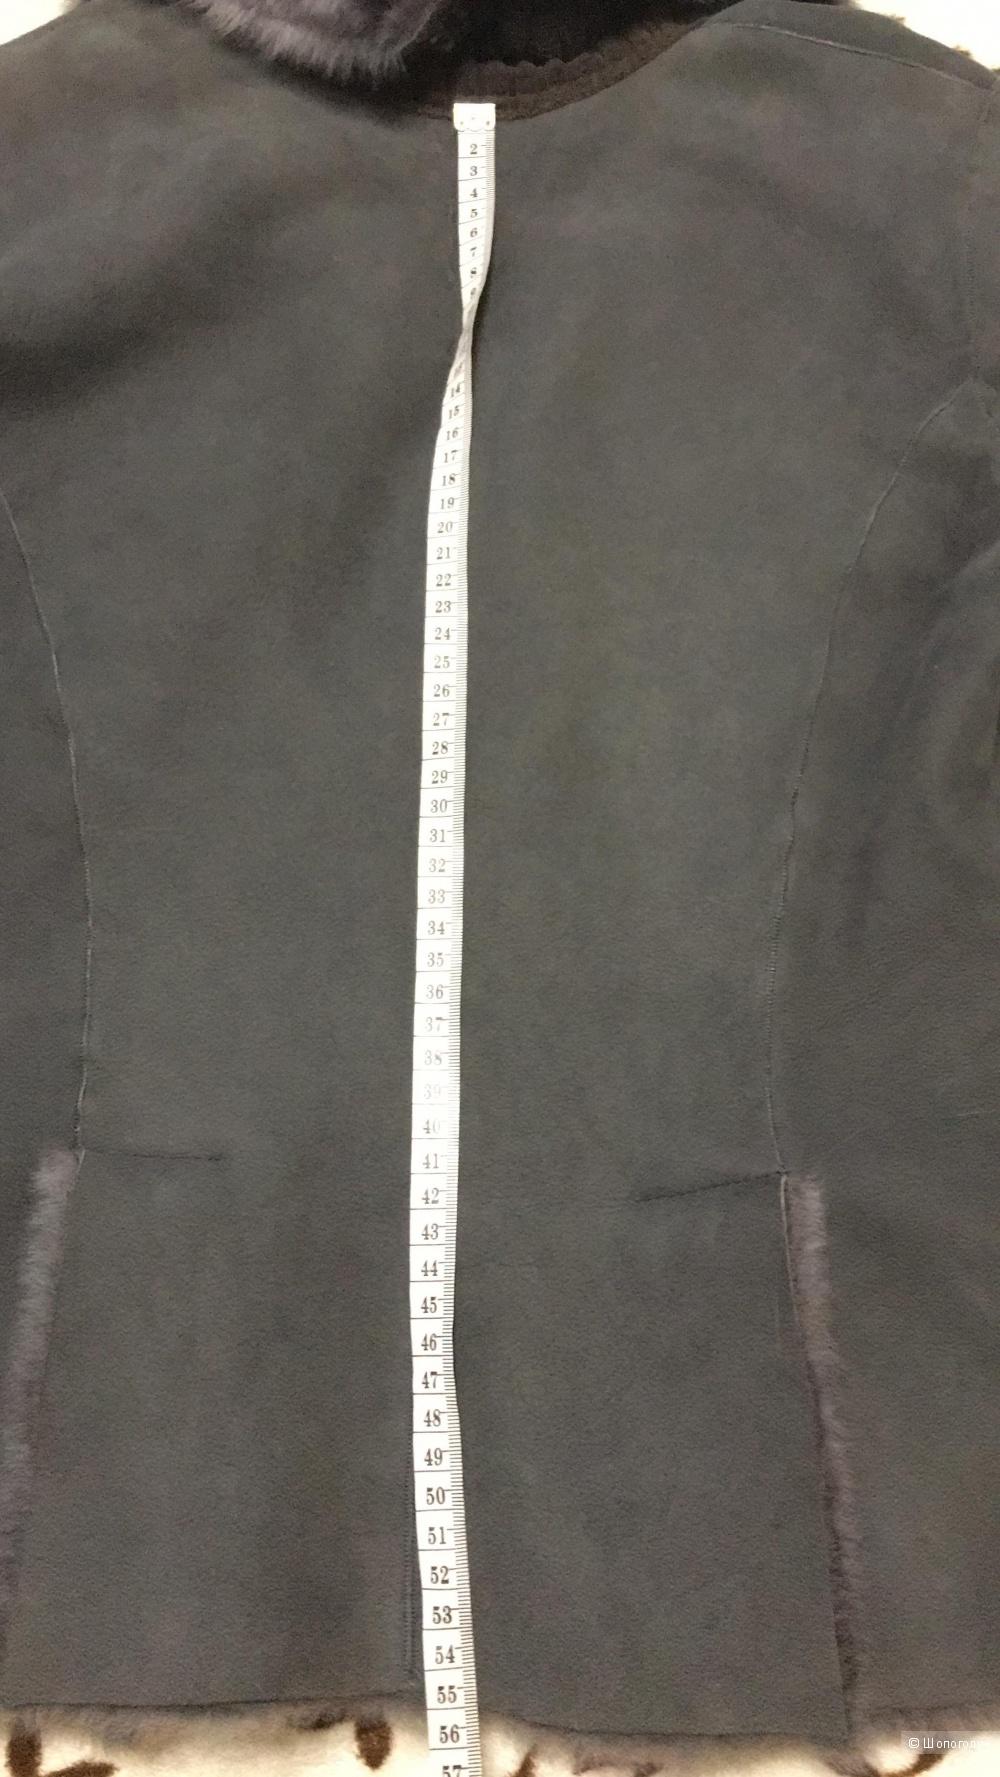 Натуральная дубленка LA ROSE, 48 (Российский размер) дизайнер:46 (IT). Серый